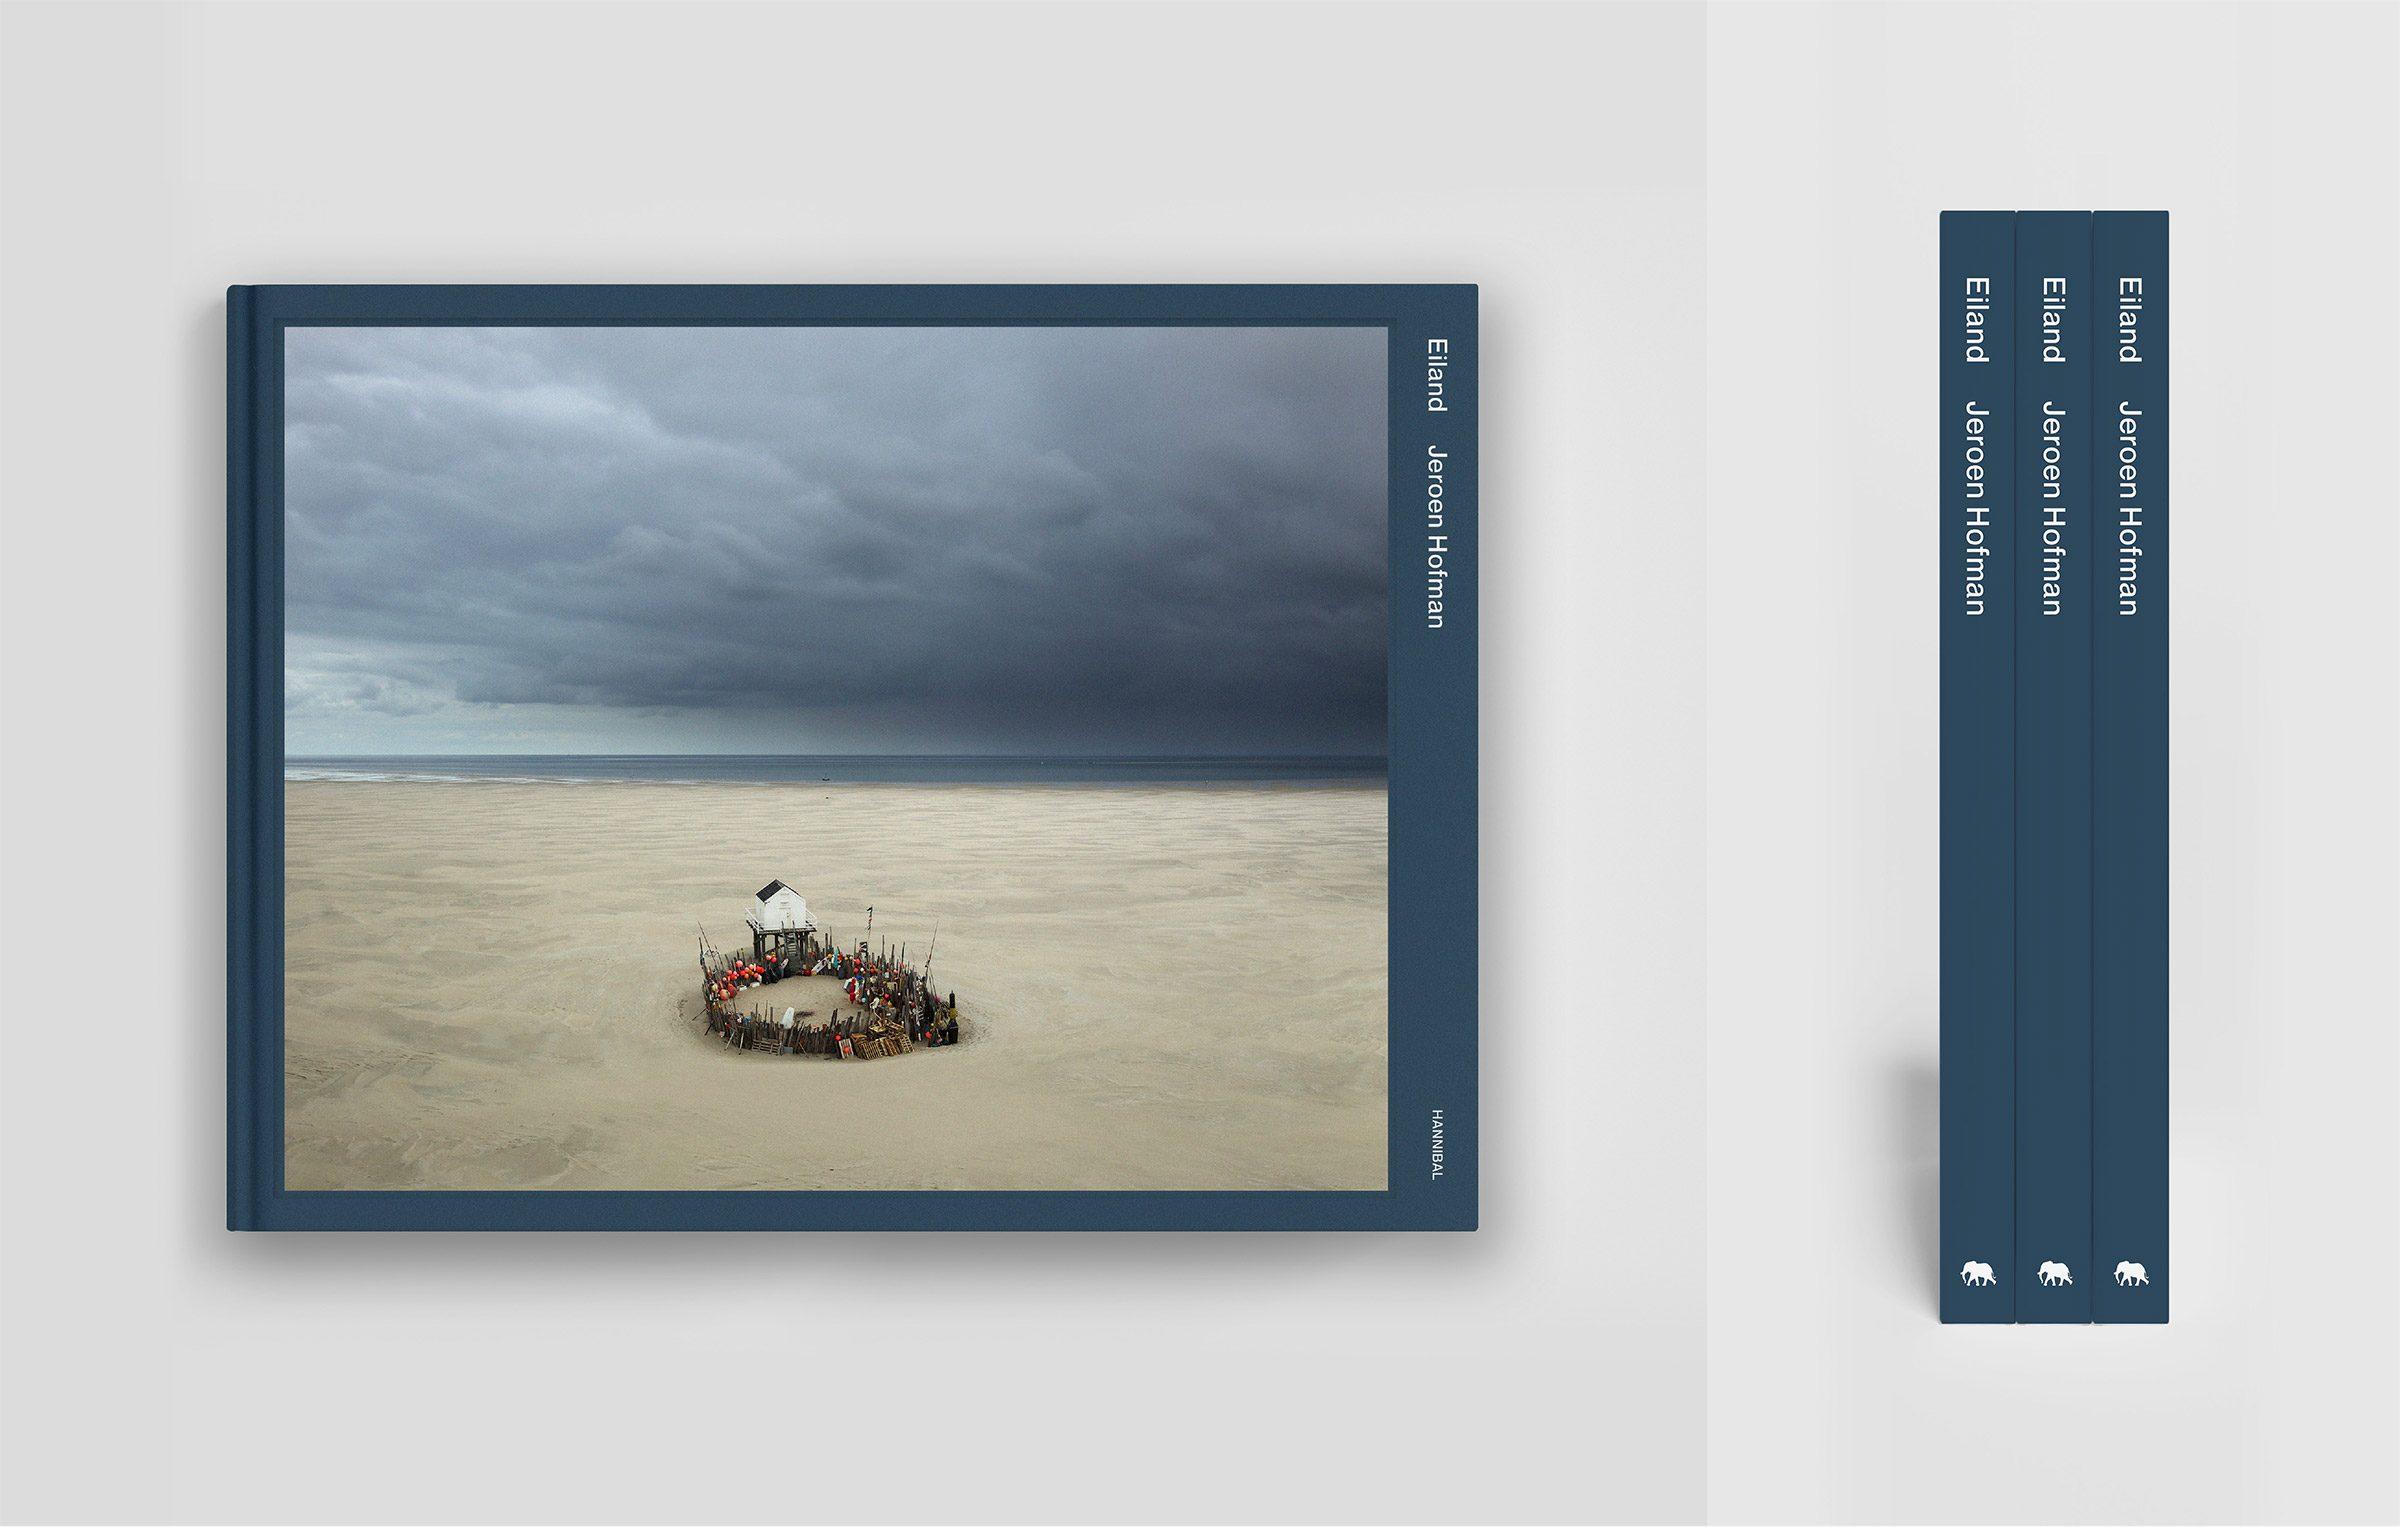 Eiland, Jeroen Hofman, boek, Waddeneilanden